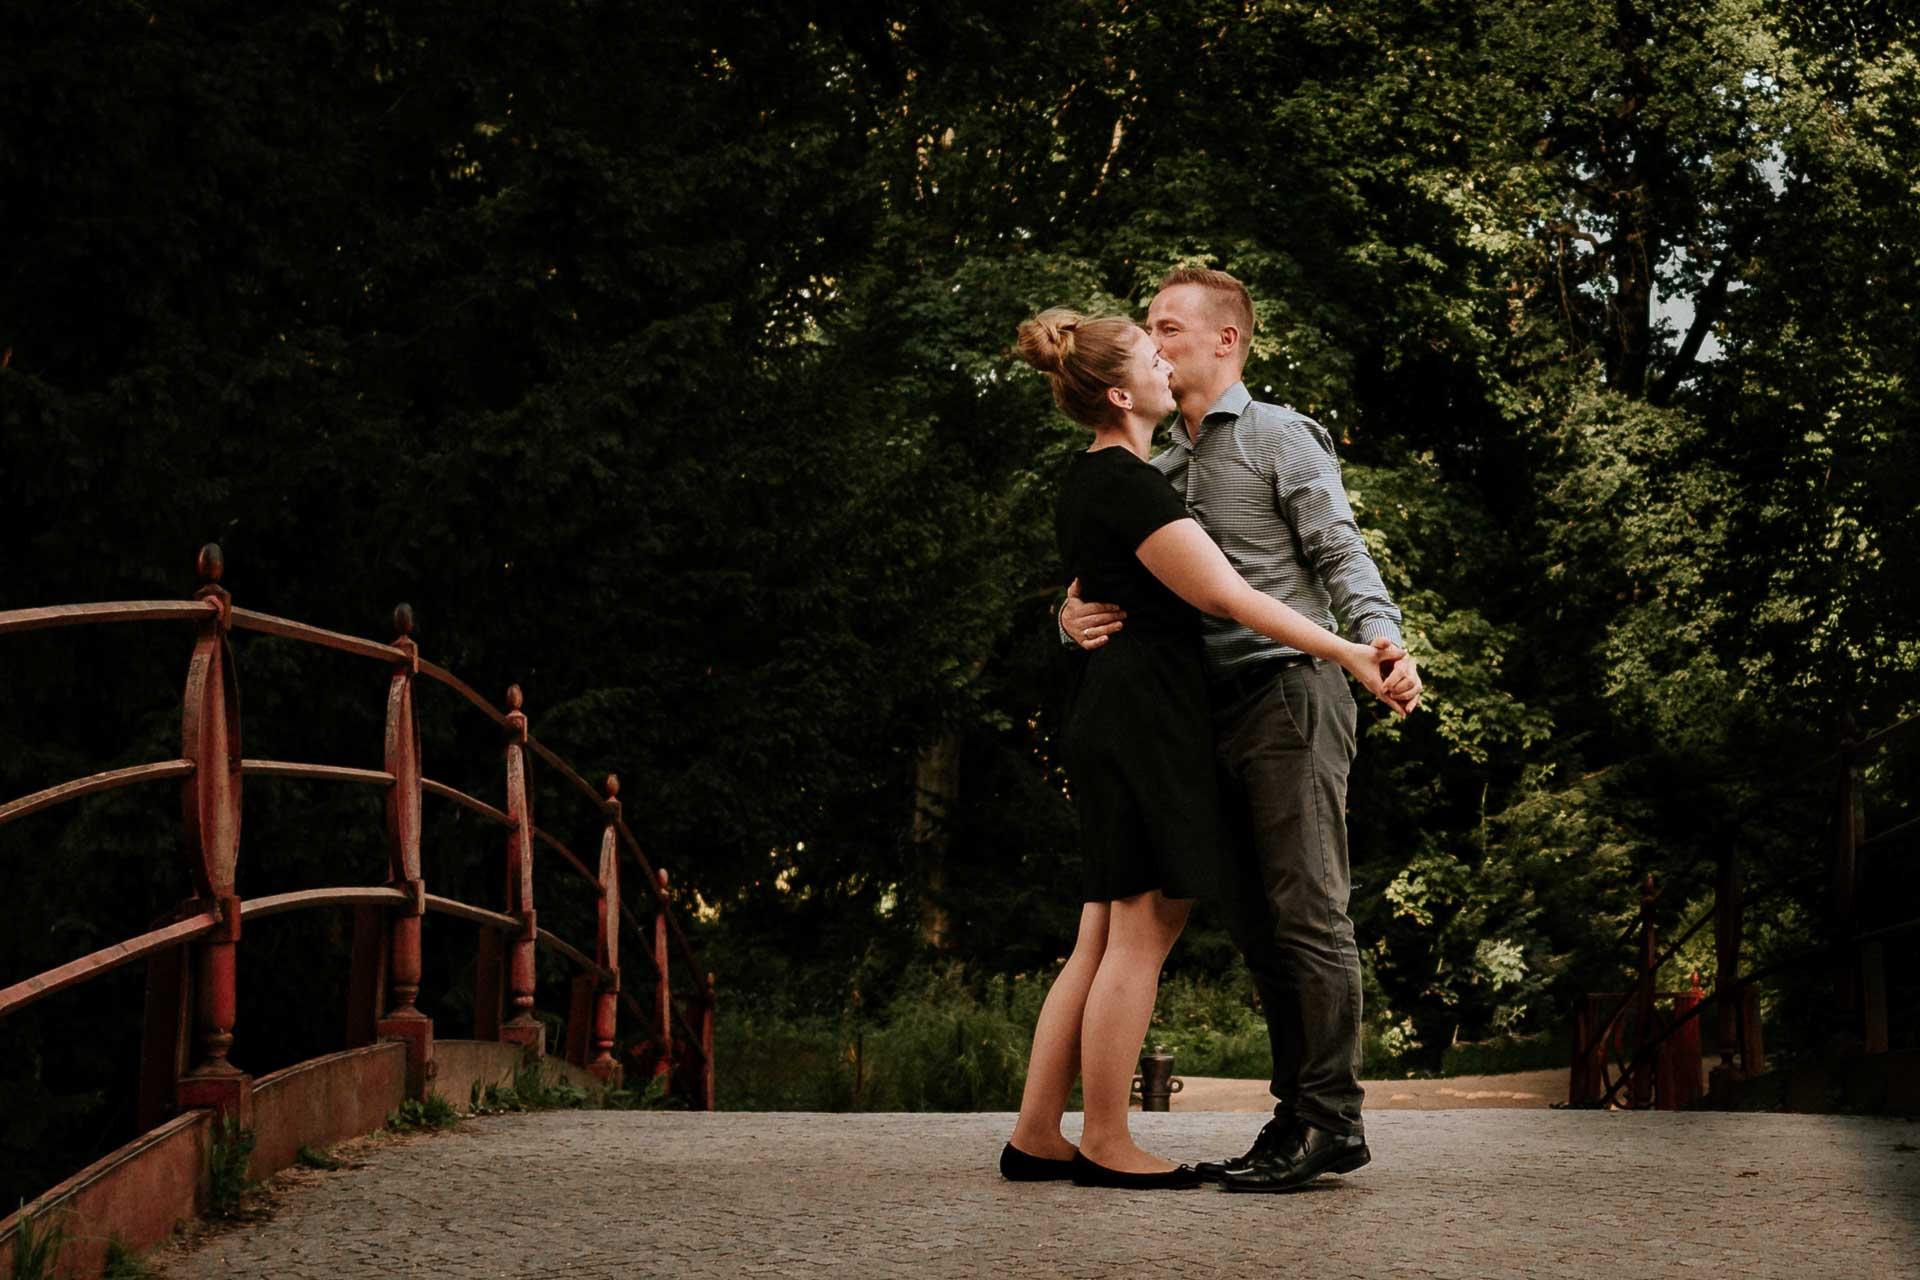 Paar tanzt auf einer Brücke